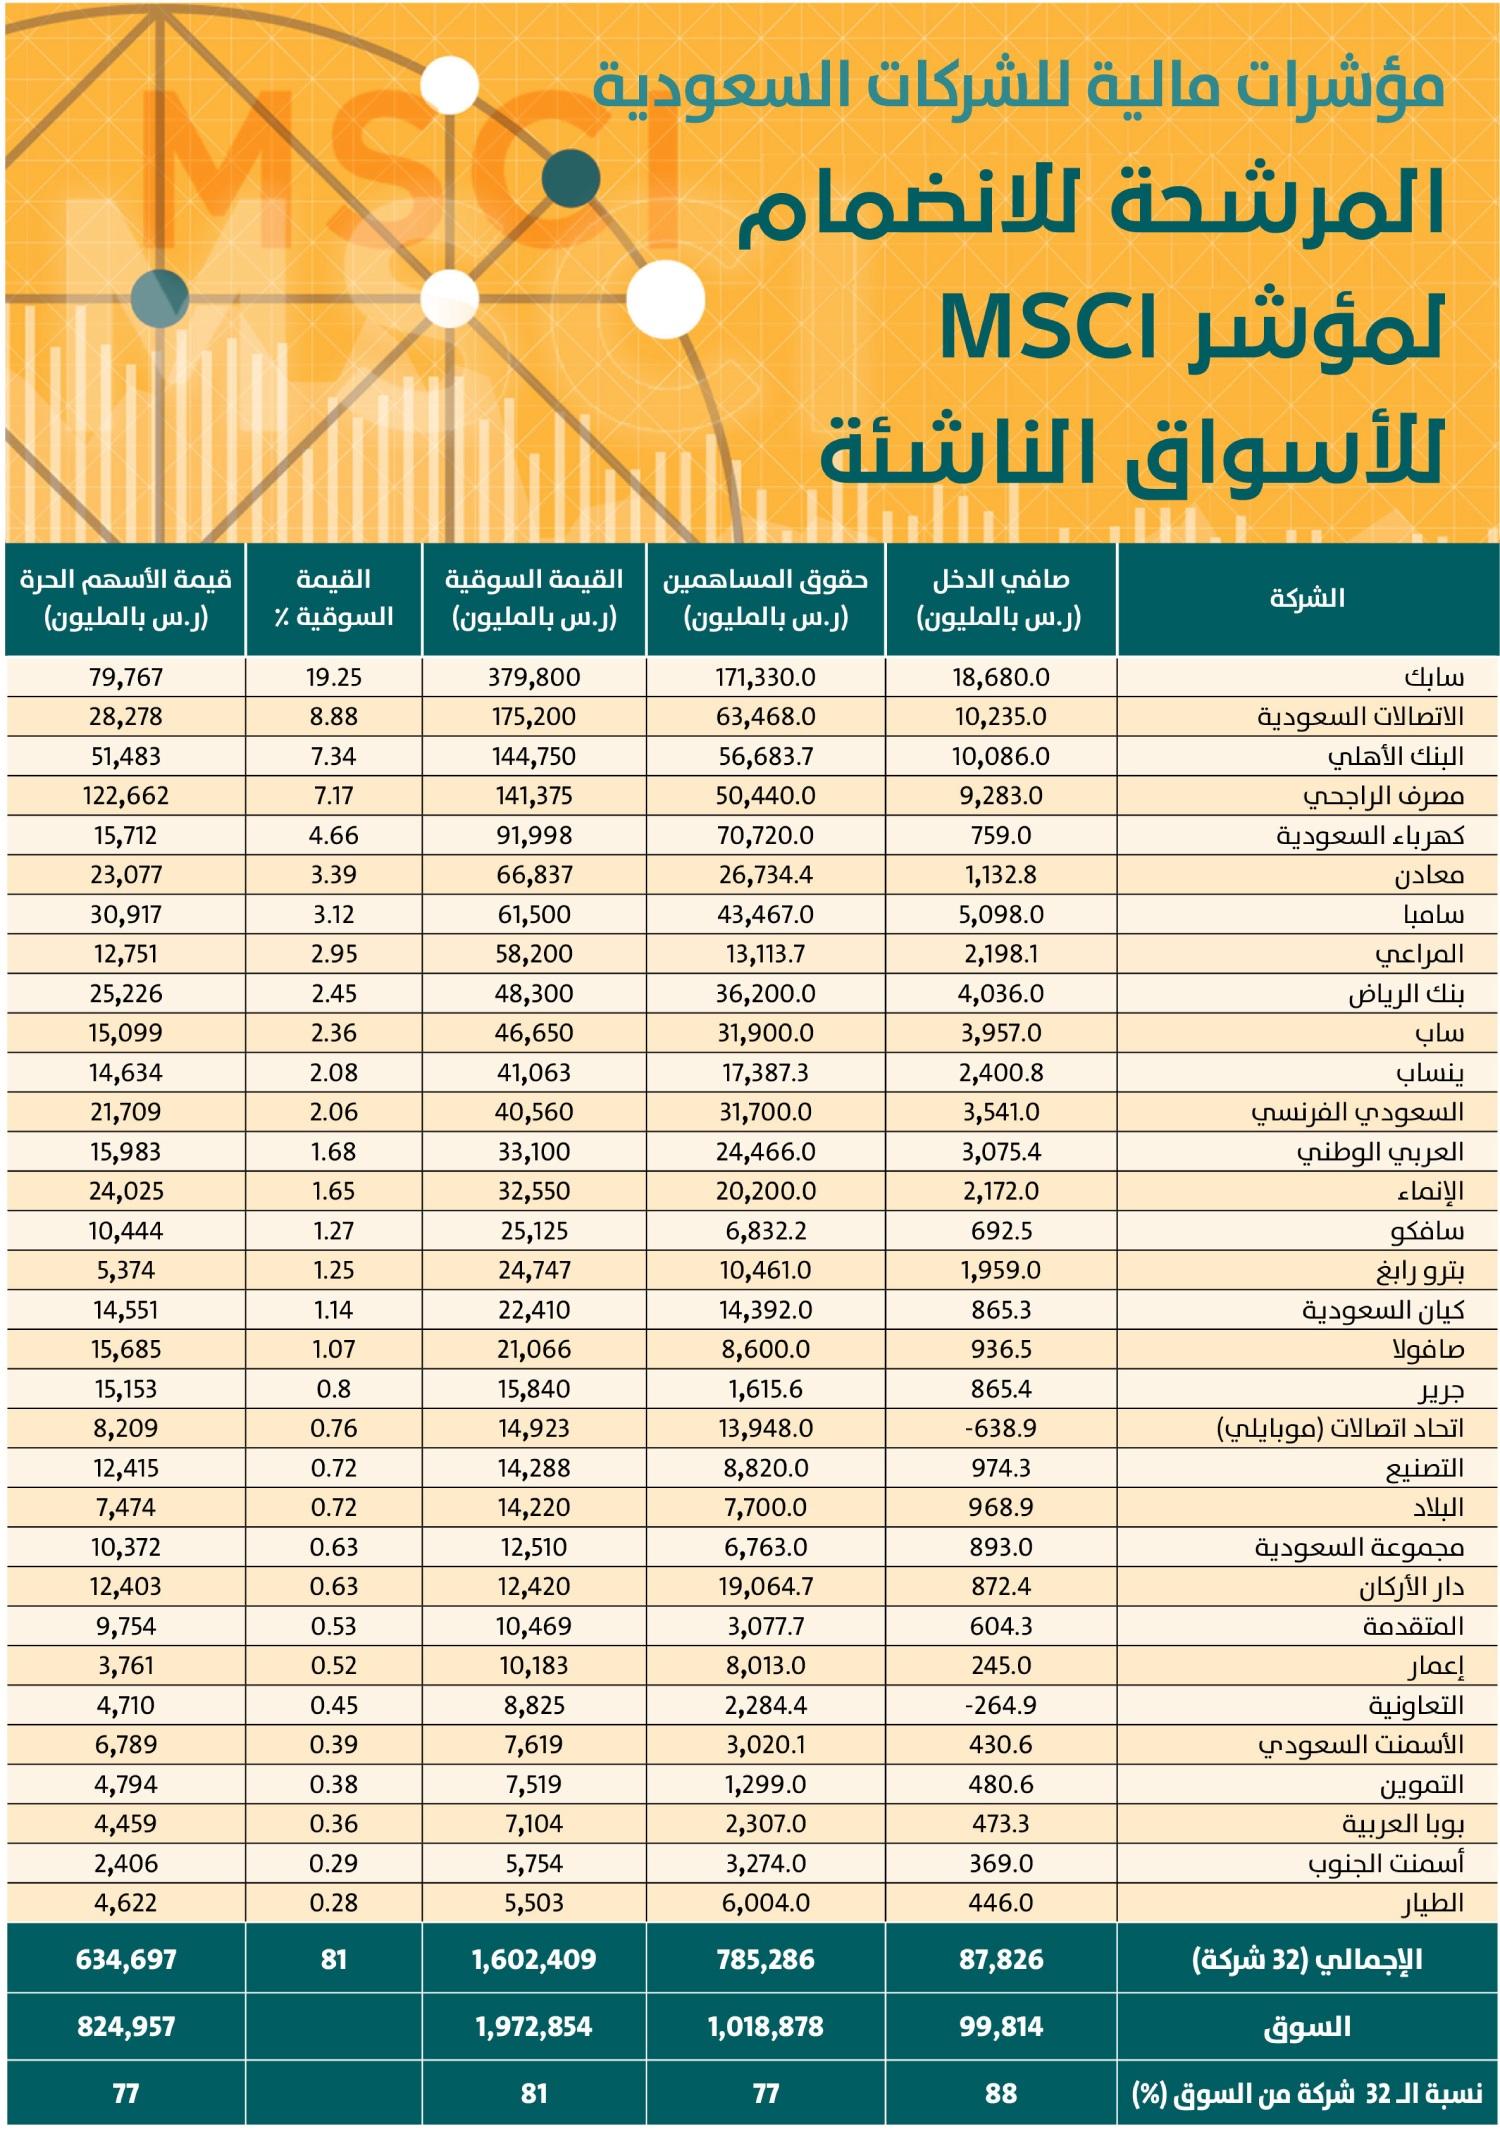 1.6 تريليون ريال قيمة أسهم الشركات السعودية المرشحة للانضمام إلى MSCI   صحيفة الاقتصادية